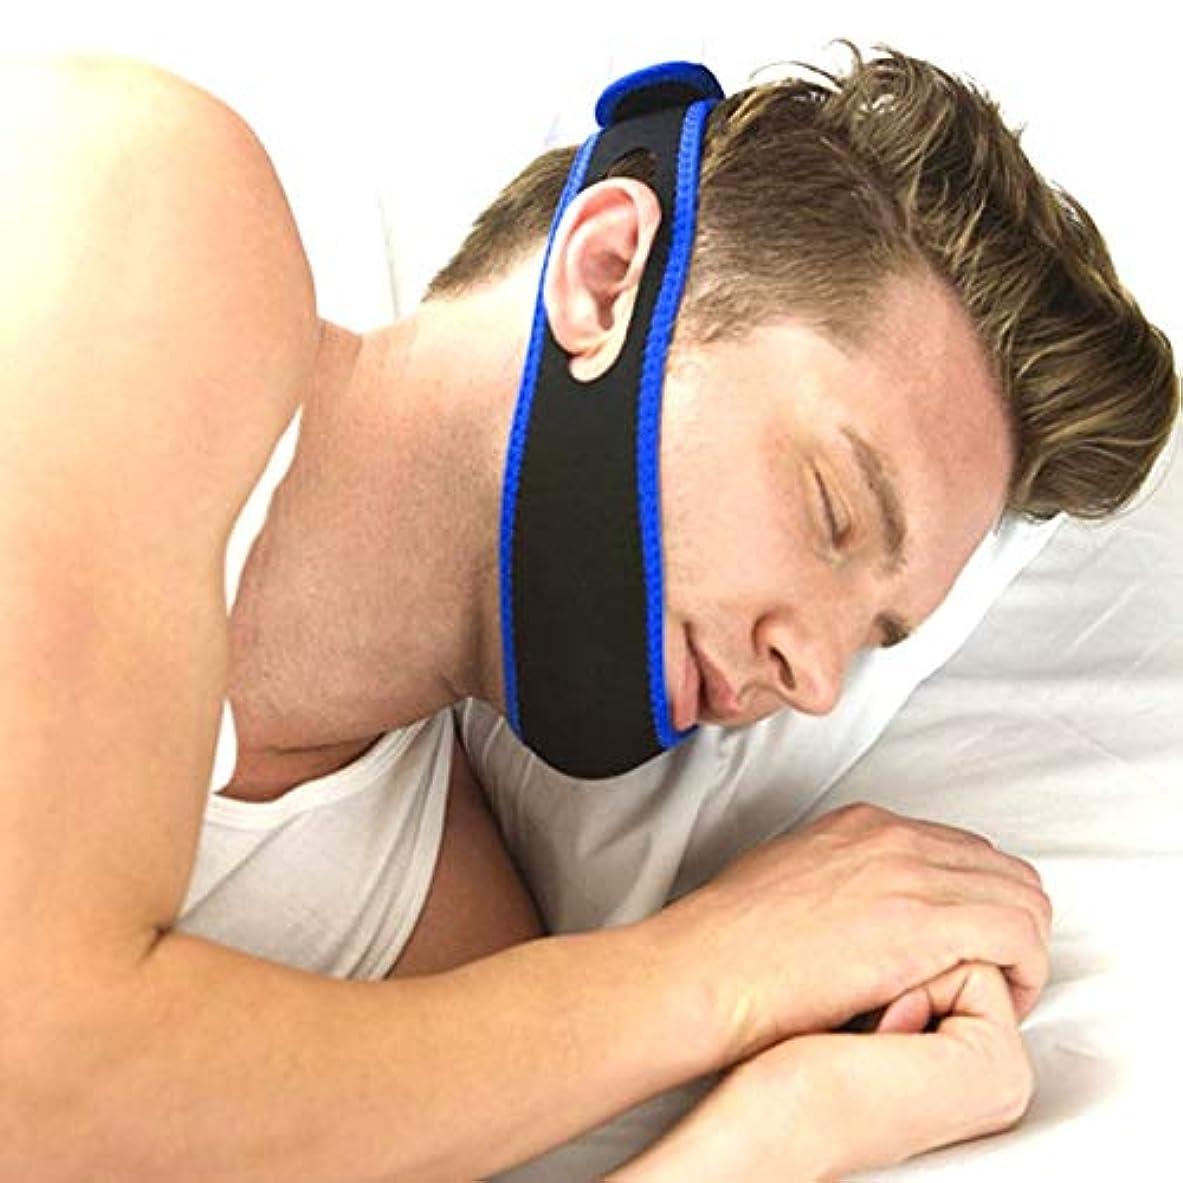 あごひげ普及流暢NOTE 抗いびき鼻清浄機鼻拡張器息をしやすいAntiSnoreチンストラップ抗いびきマウスピースストップいびきコーン渋滞補助